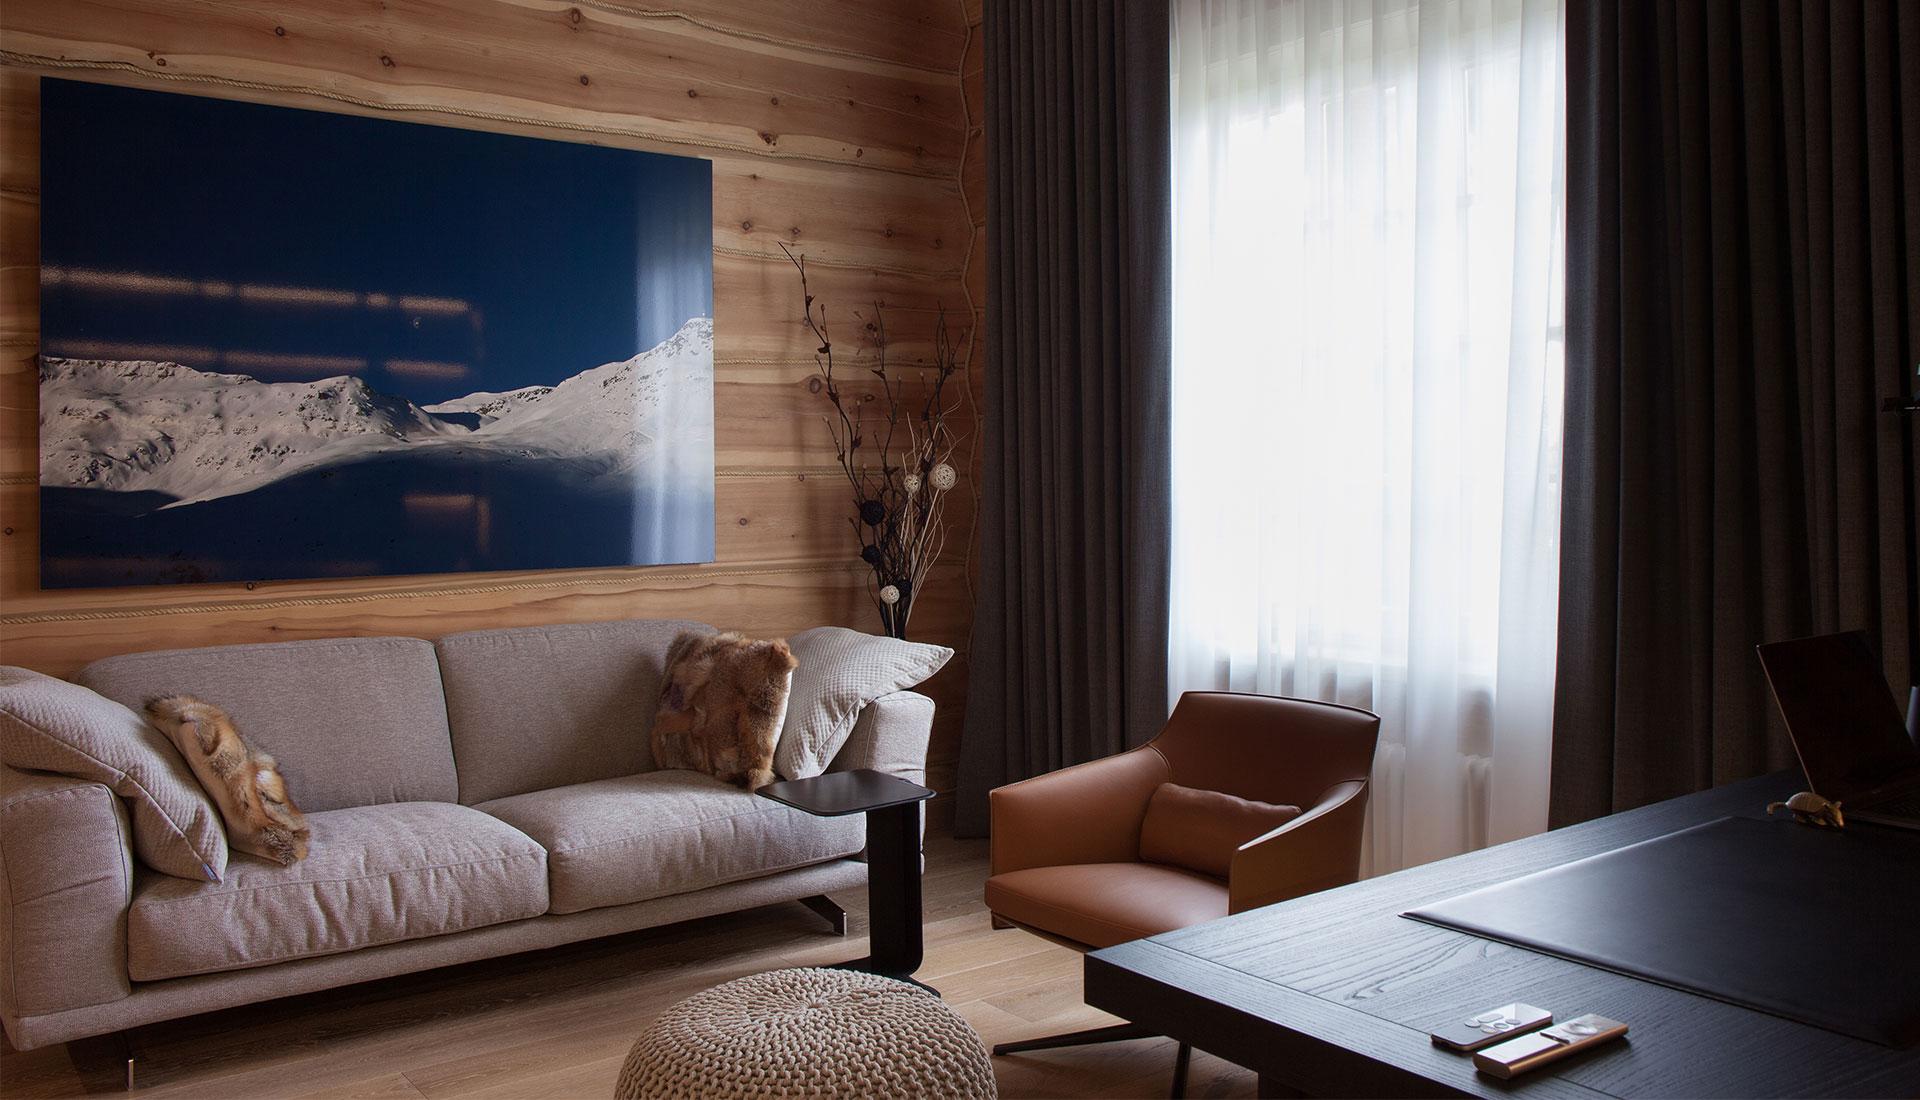 Александр Басов: деревянный дом с современным интерьером